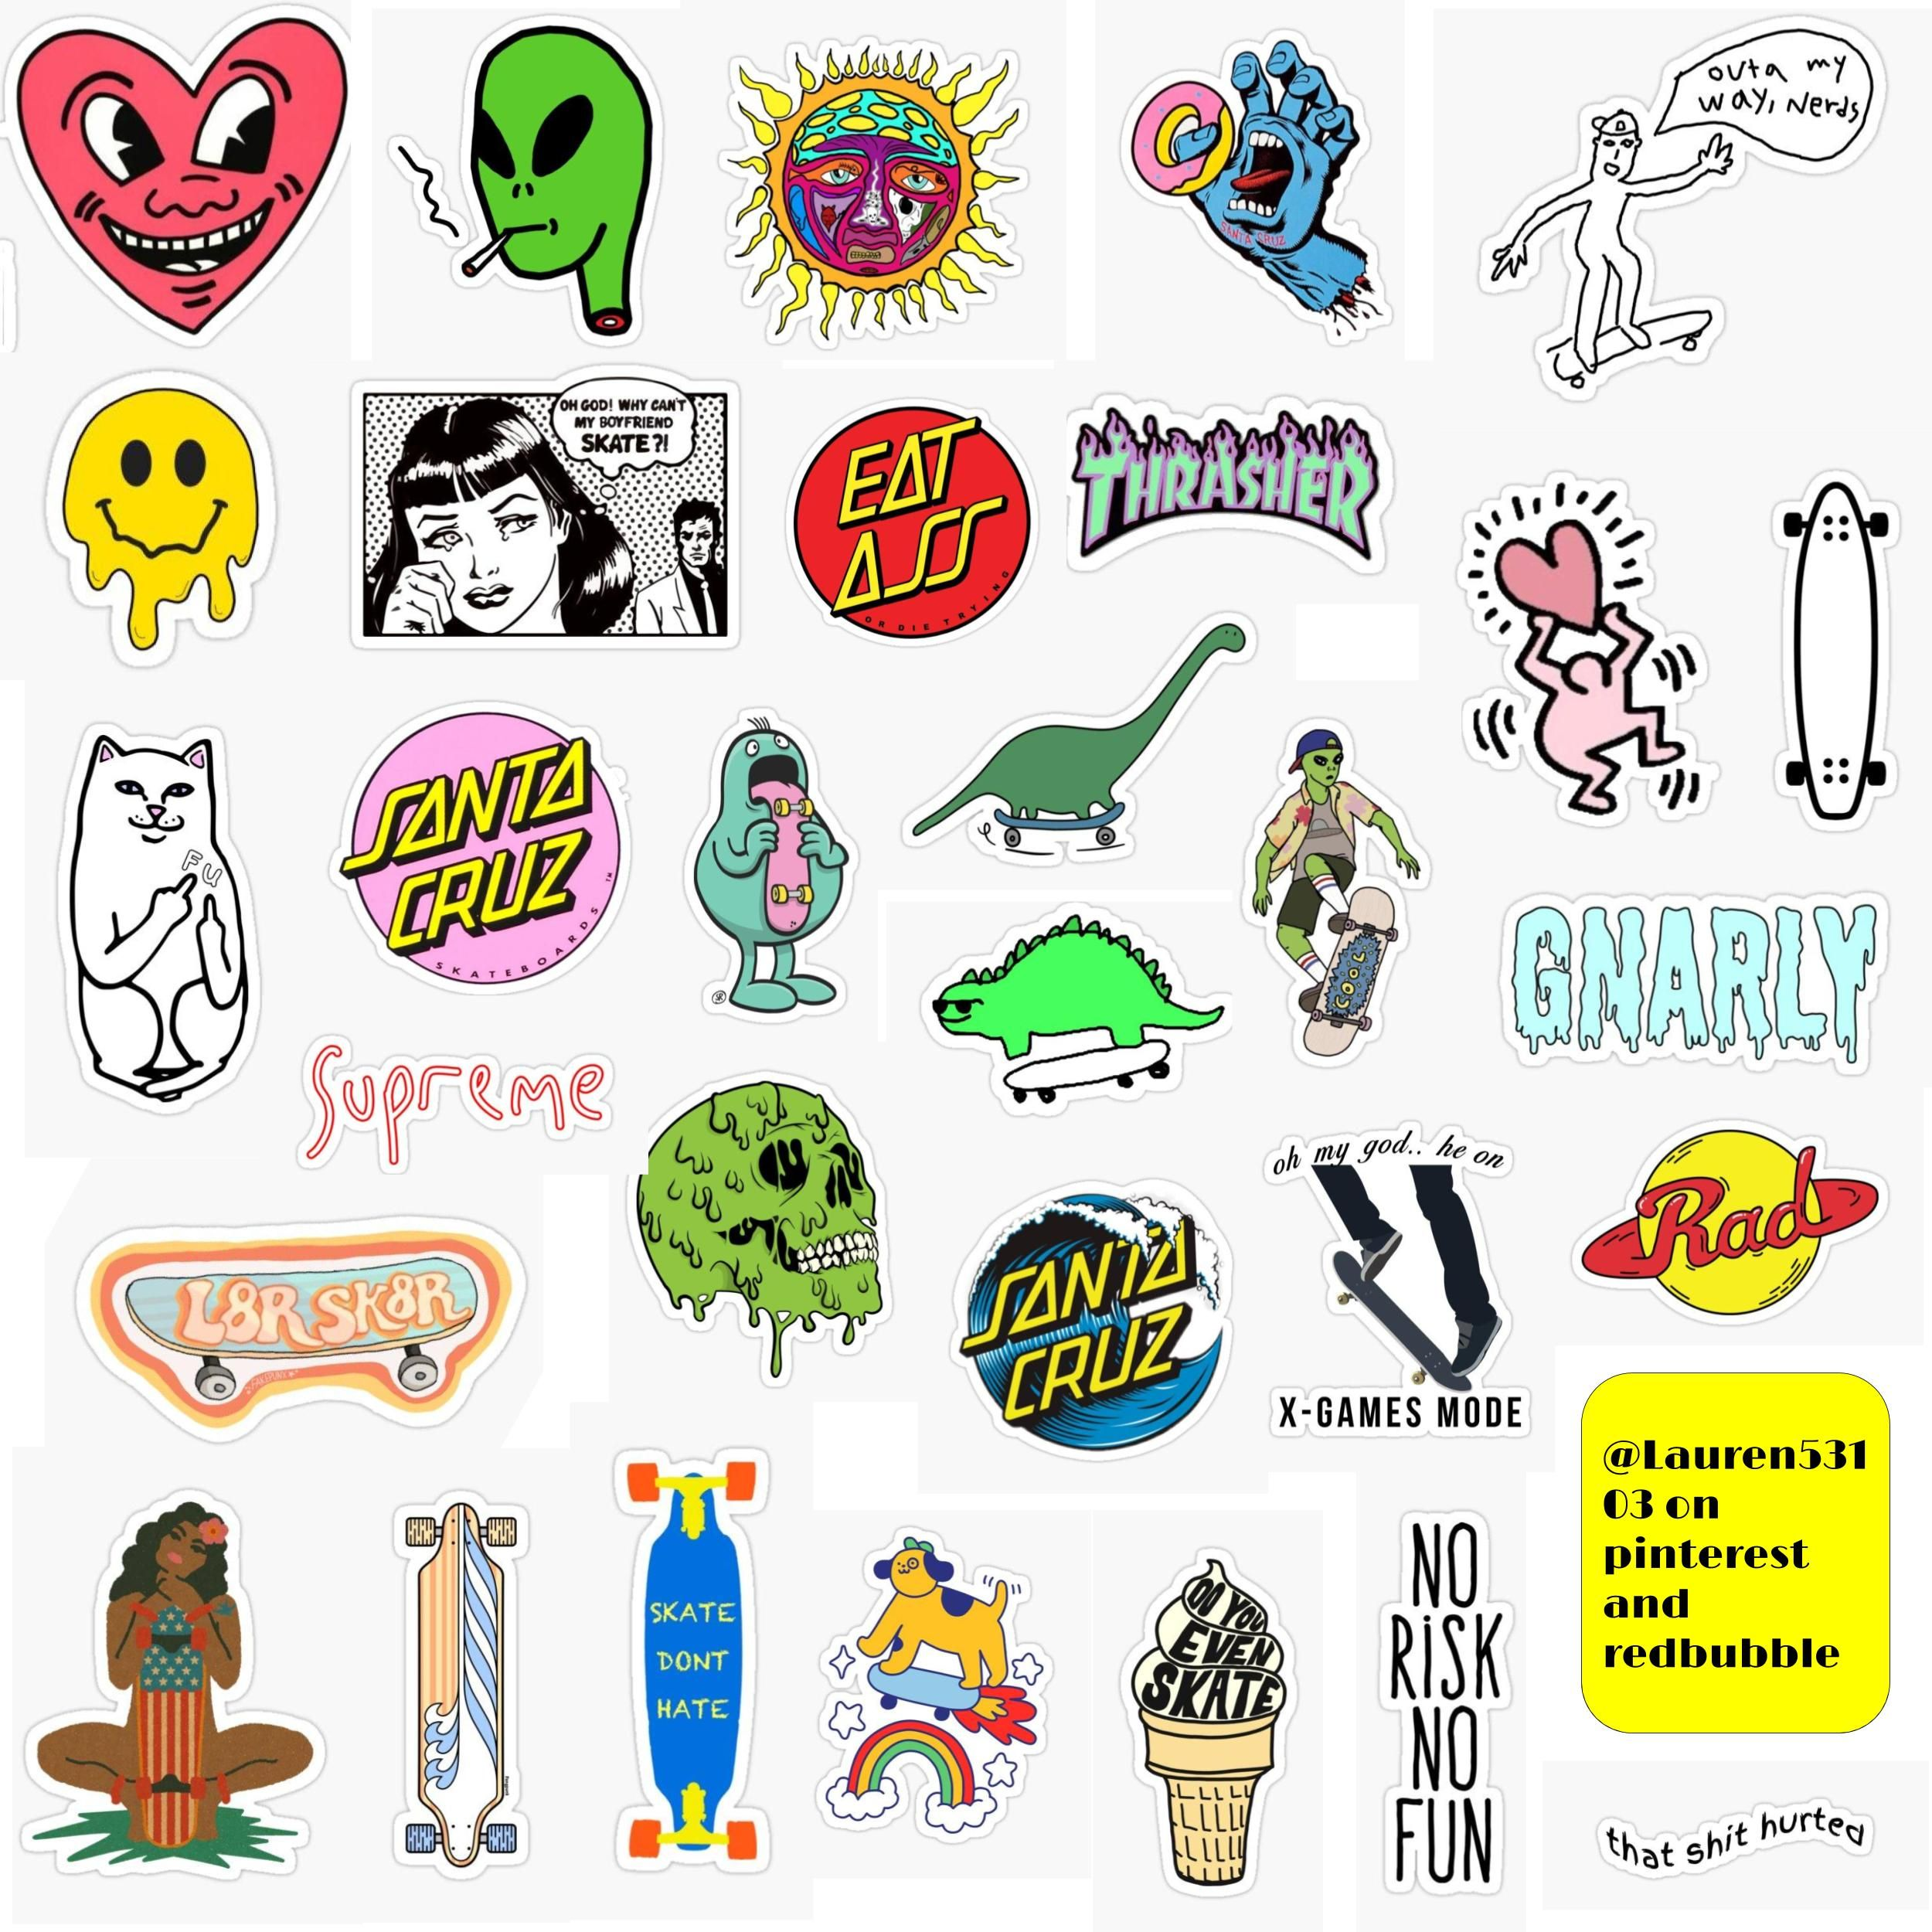 Skateboard Stickers Sticker By Lauren53103 In 2020 Skateboard Stickers Indie Drawings Print Stickers